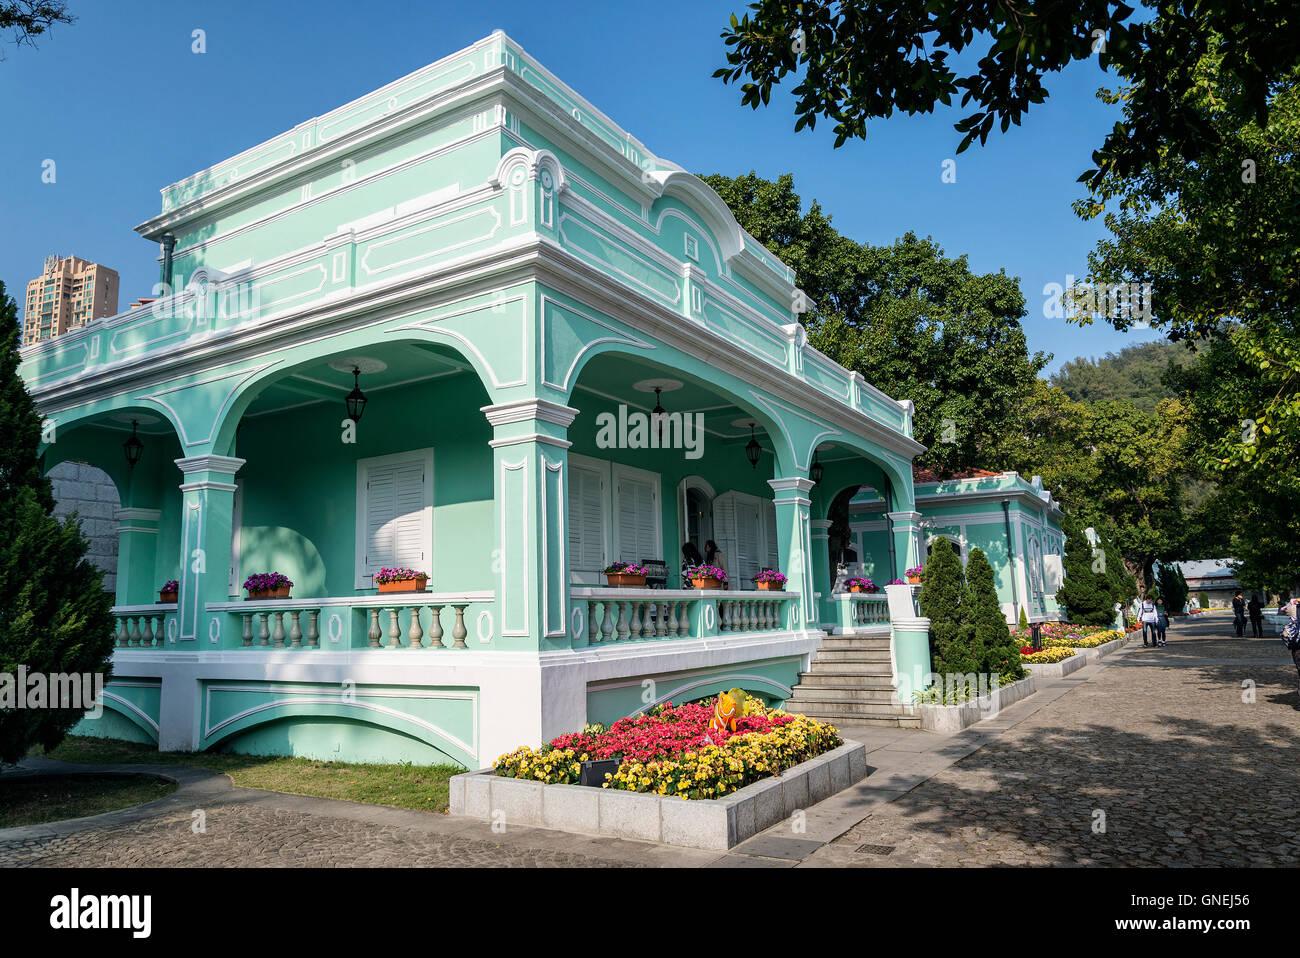 alte portugiesische Kolonialvillen Touristenattraktion in Taipa Bereich von Macao Macau China Stockbild